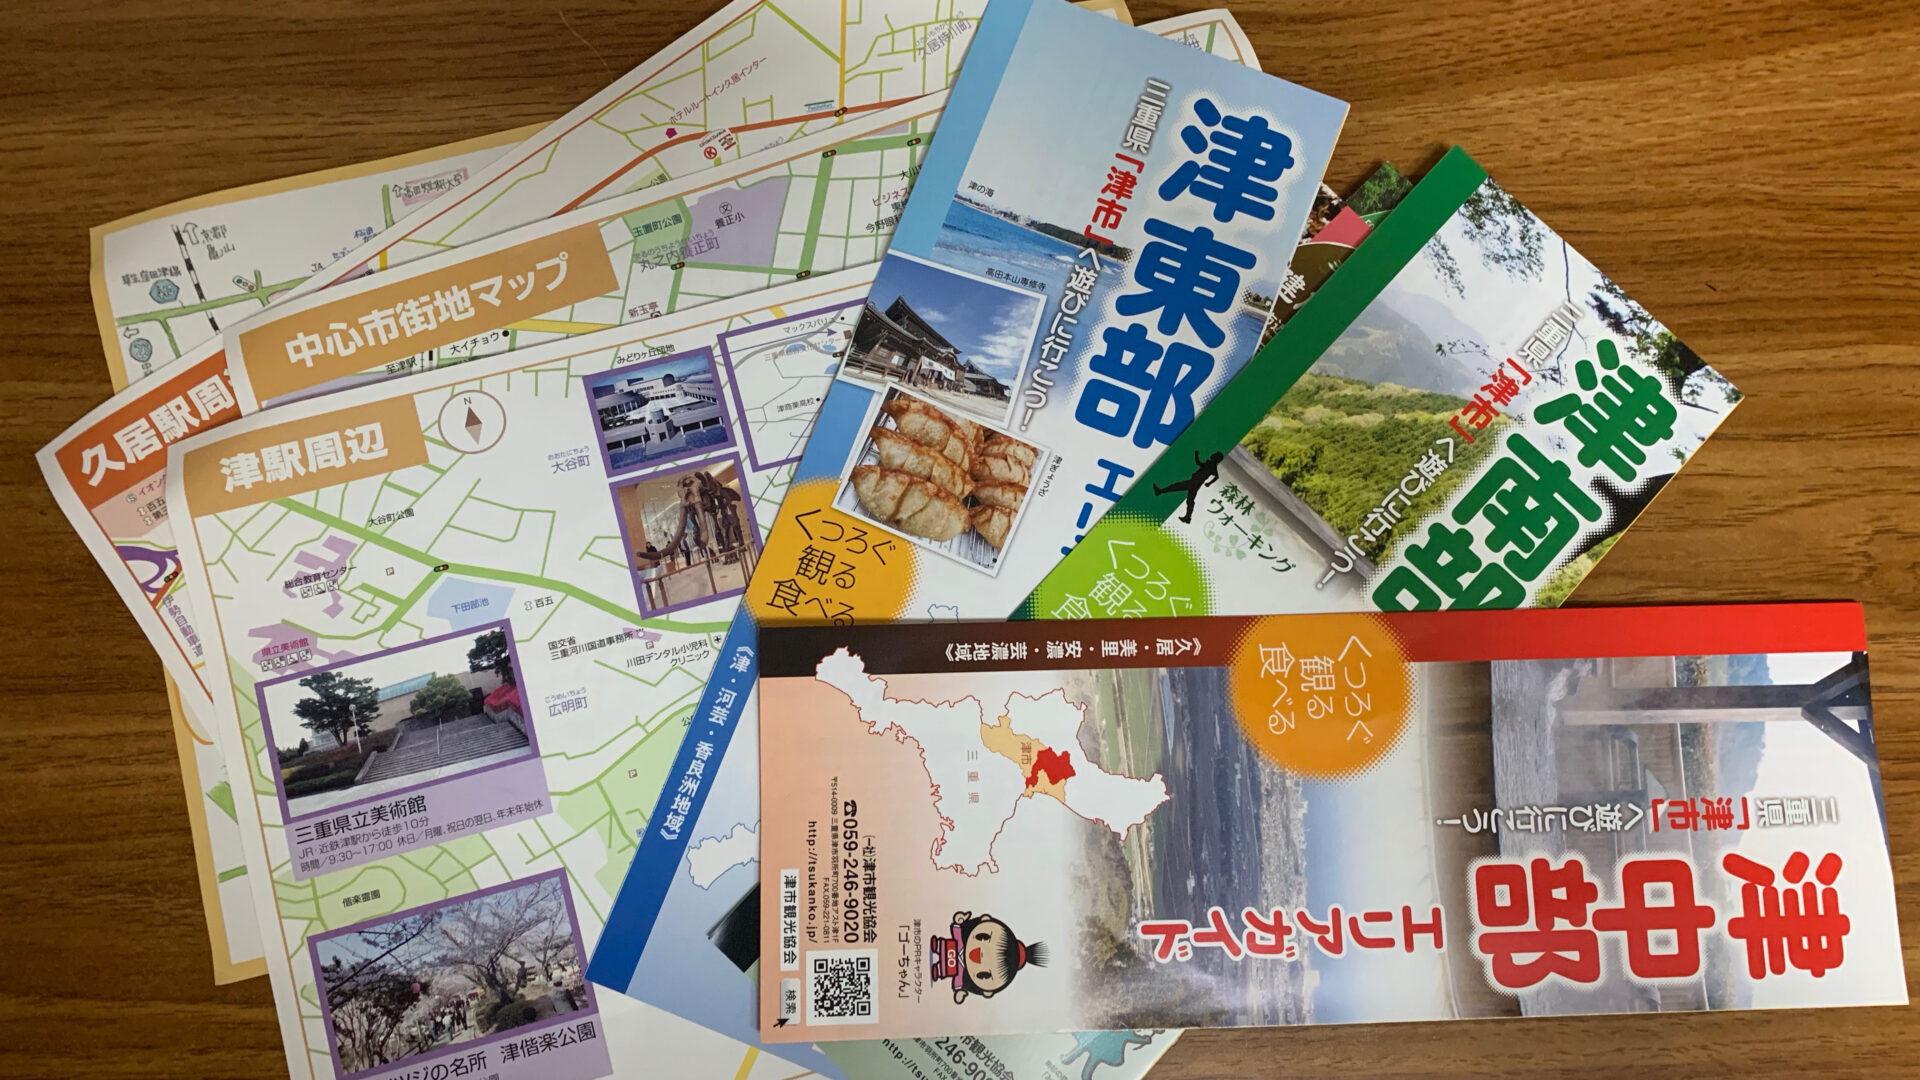 今までなぜかスルーしがちだった三重県庁所在地・津市をもっと深く探求しよう